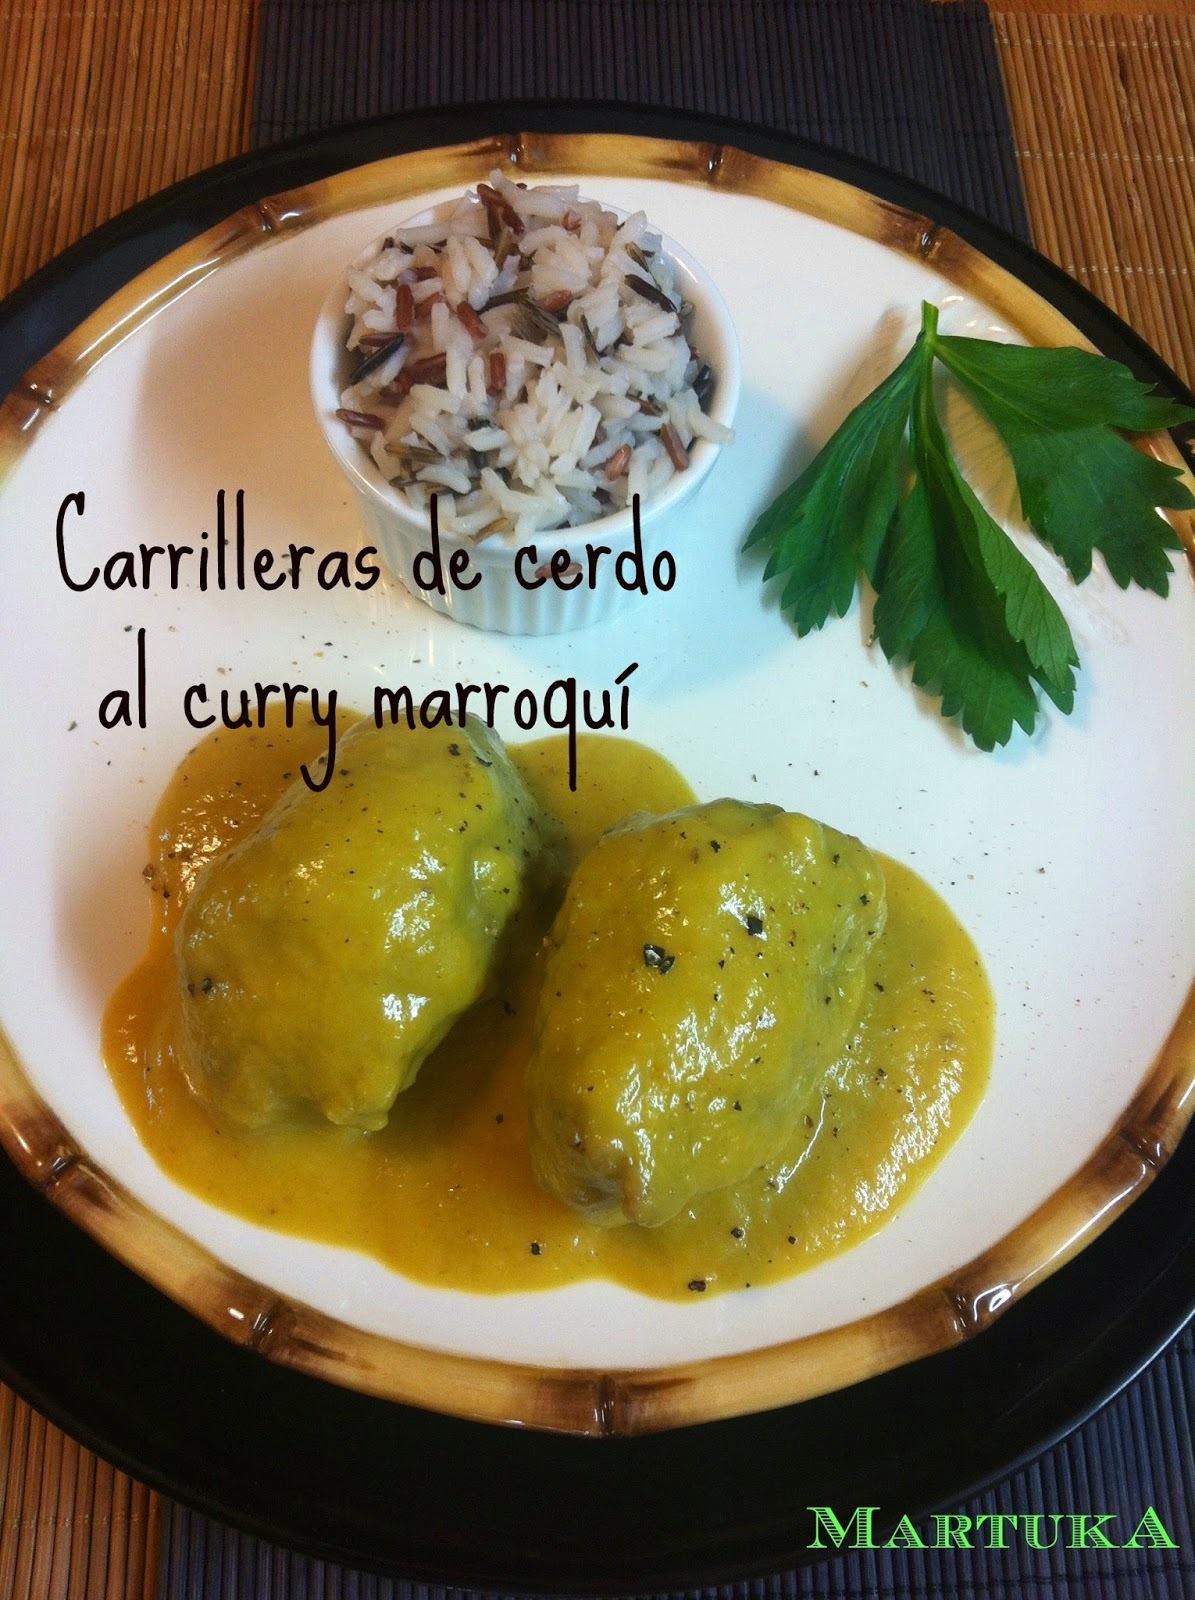 Carrilleras De Cerdo Al Curry Marroquí